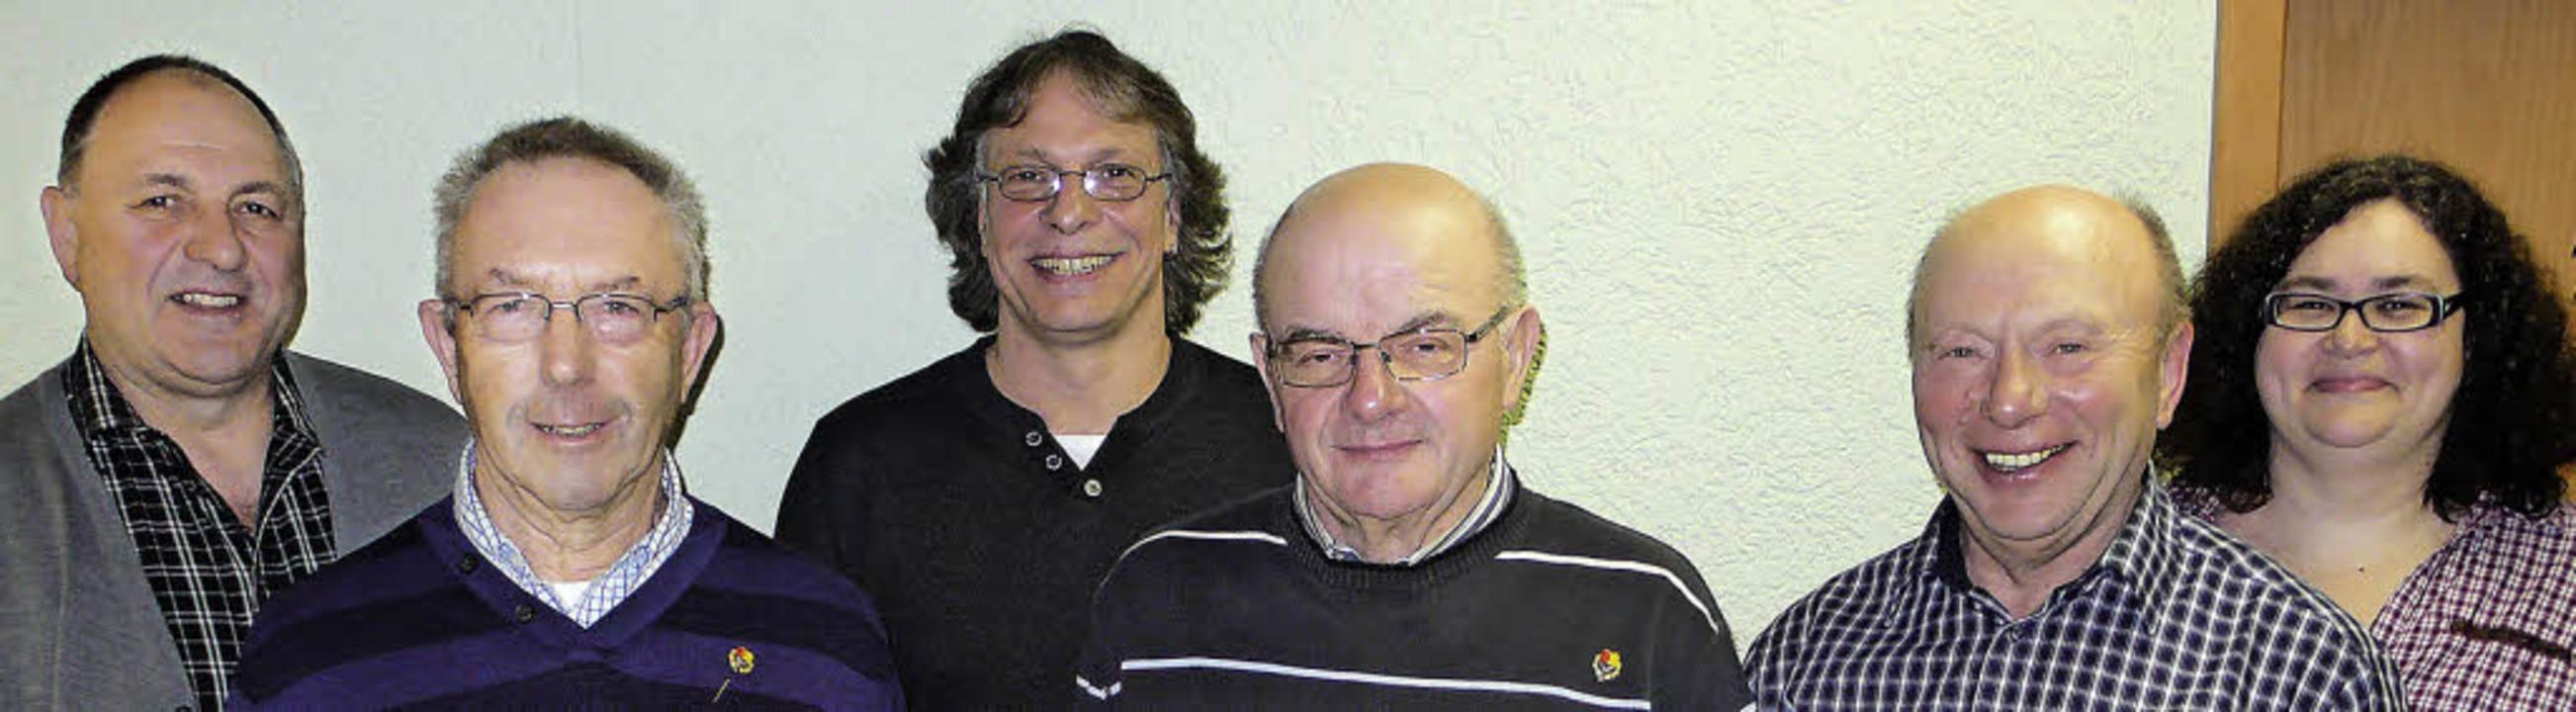 Langjährige Mitglieder wurden beim Mus... Maurer, Anton Schönstein, Heike Feger  | Foto: Rainer Schönstein